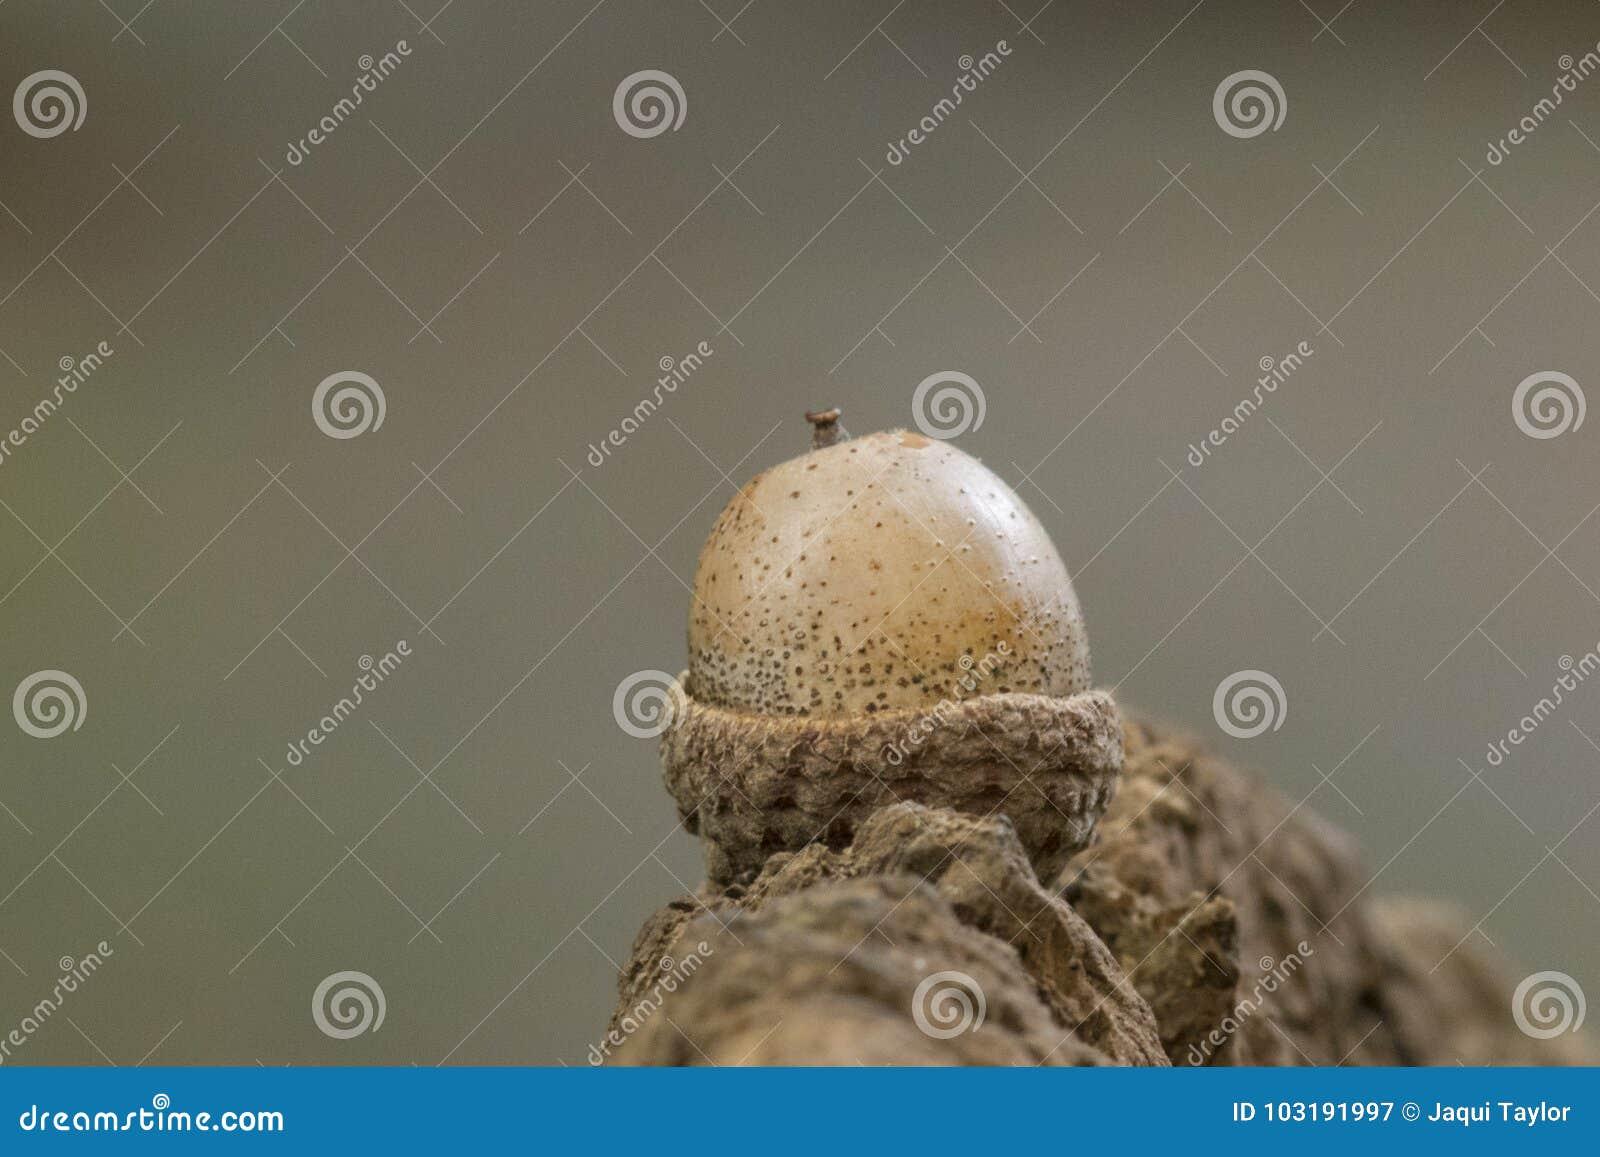 An acorn on a log